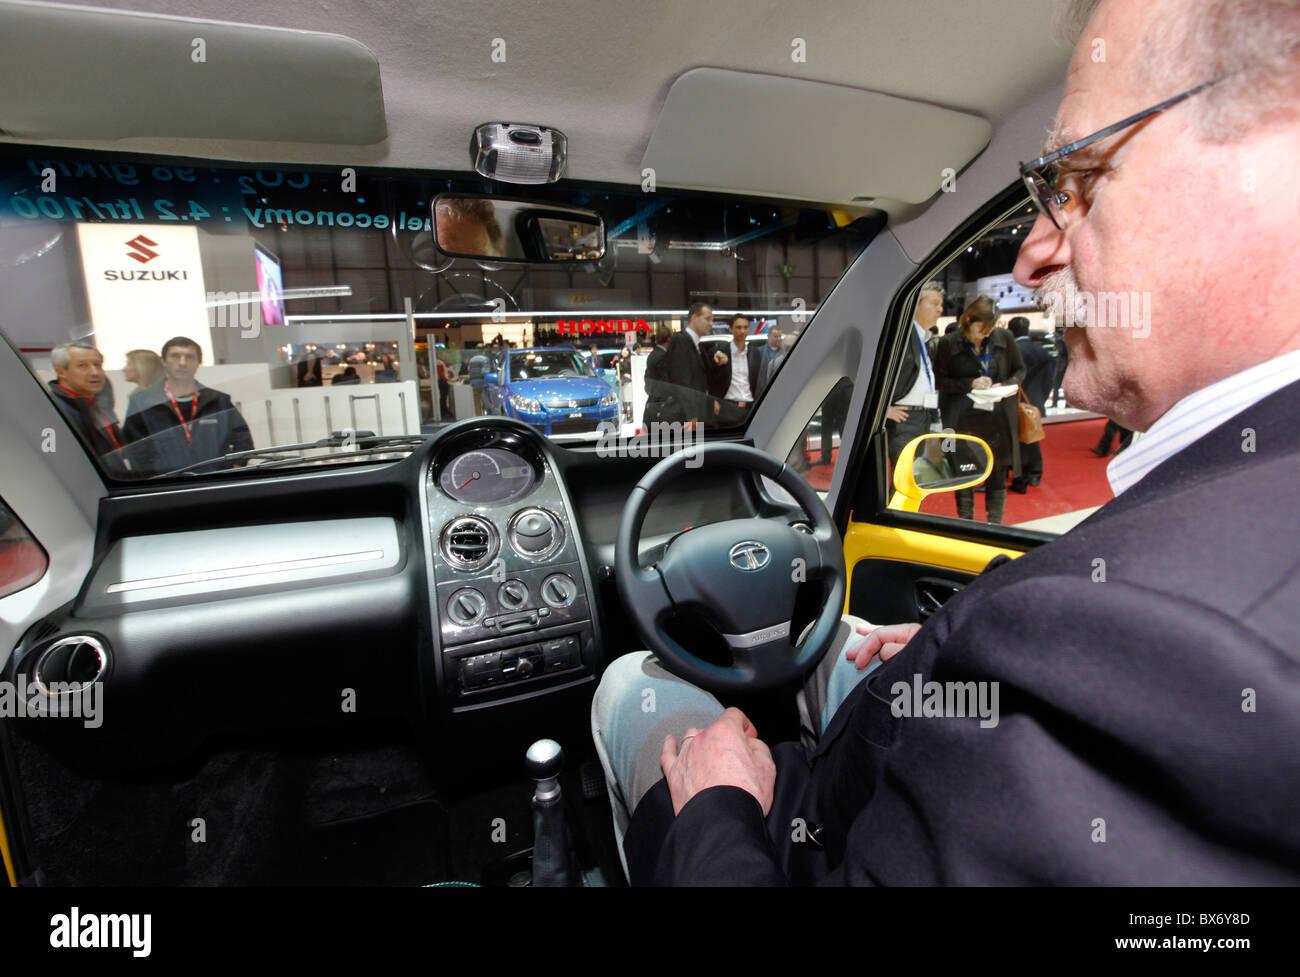 Innere des Tata Nano Auto während dem 79. Automobilsalon in Genf ...